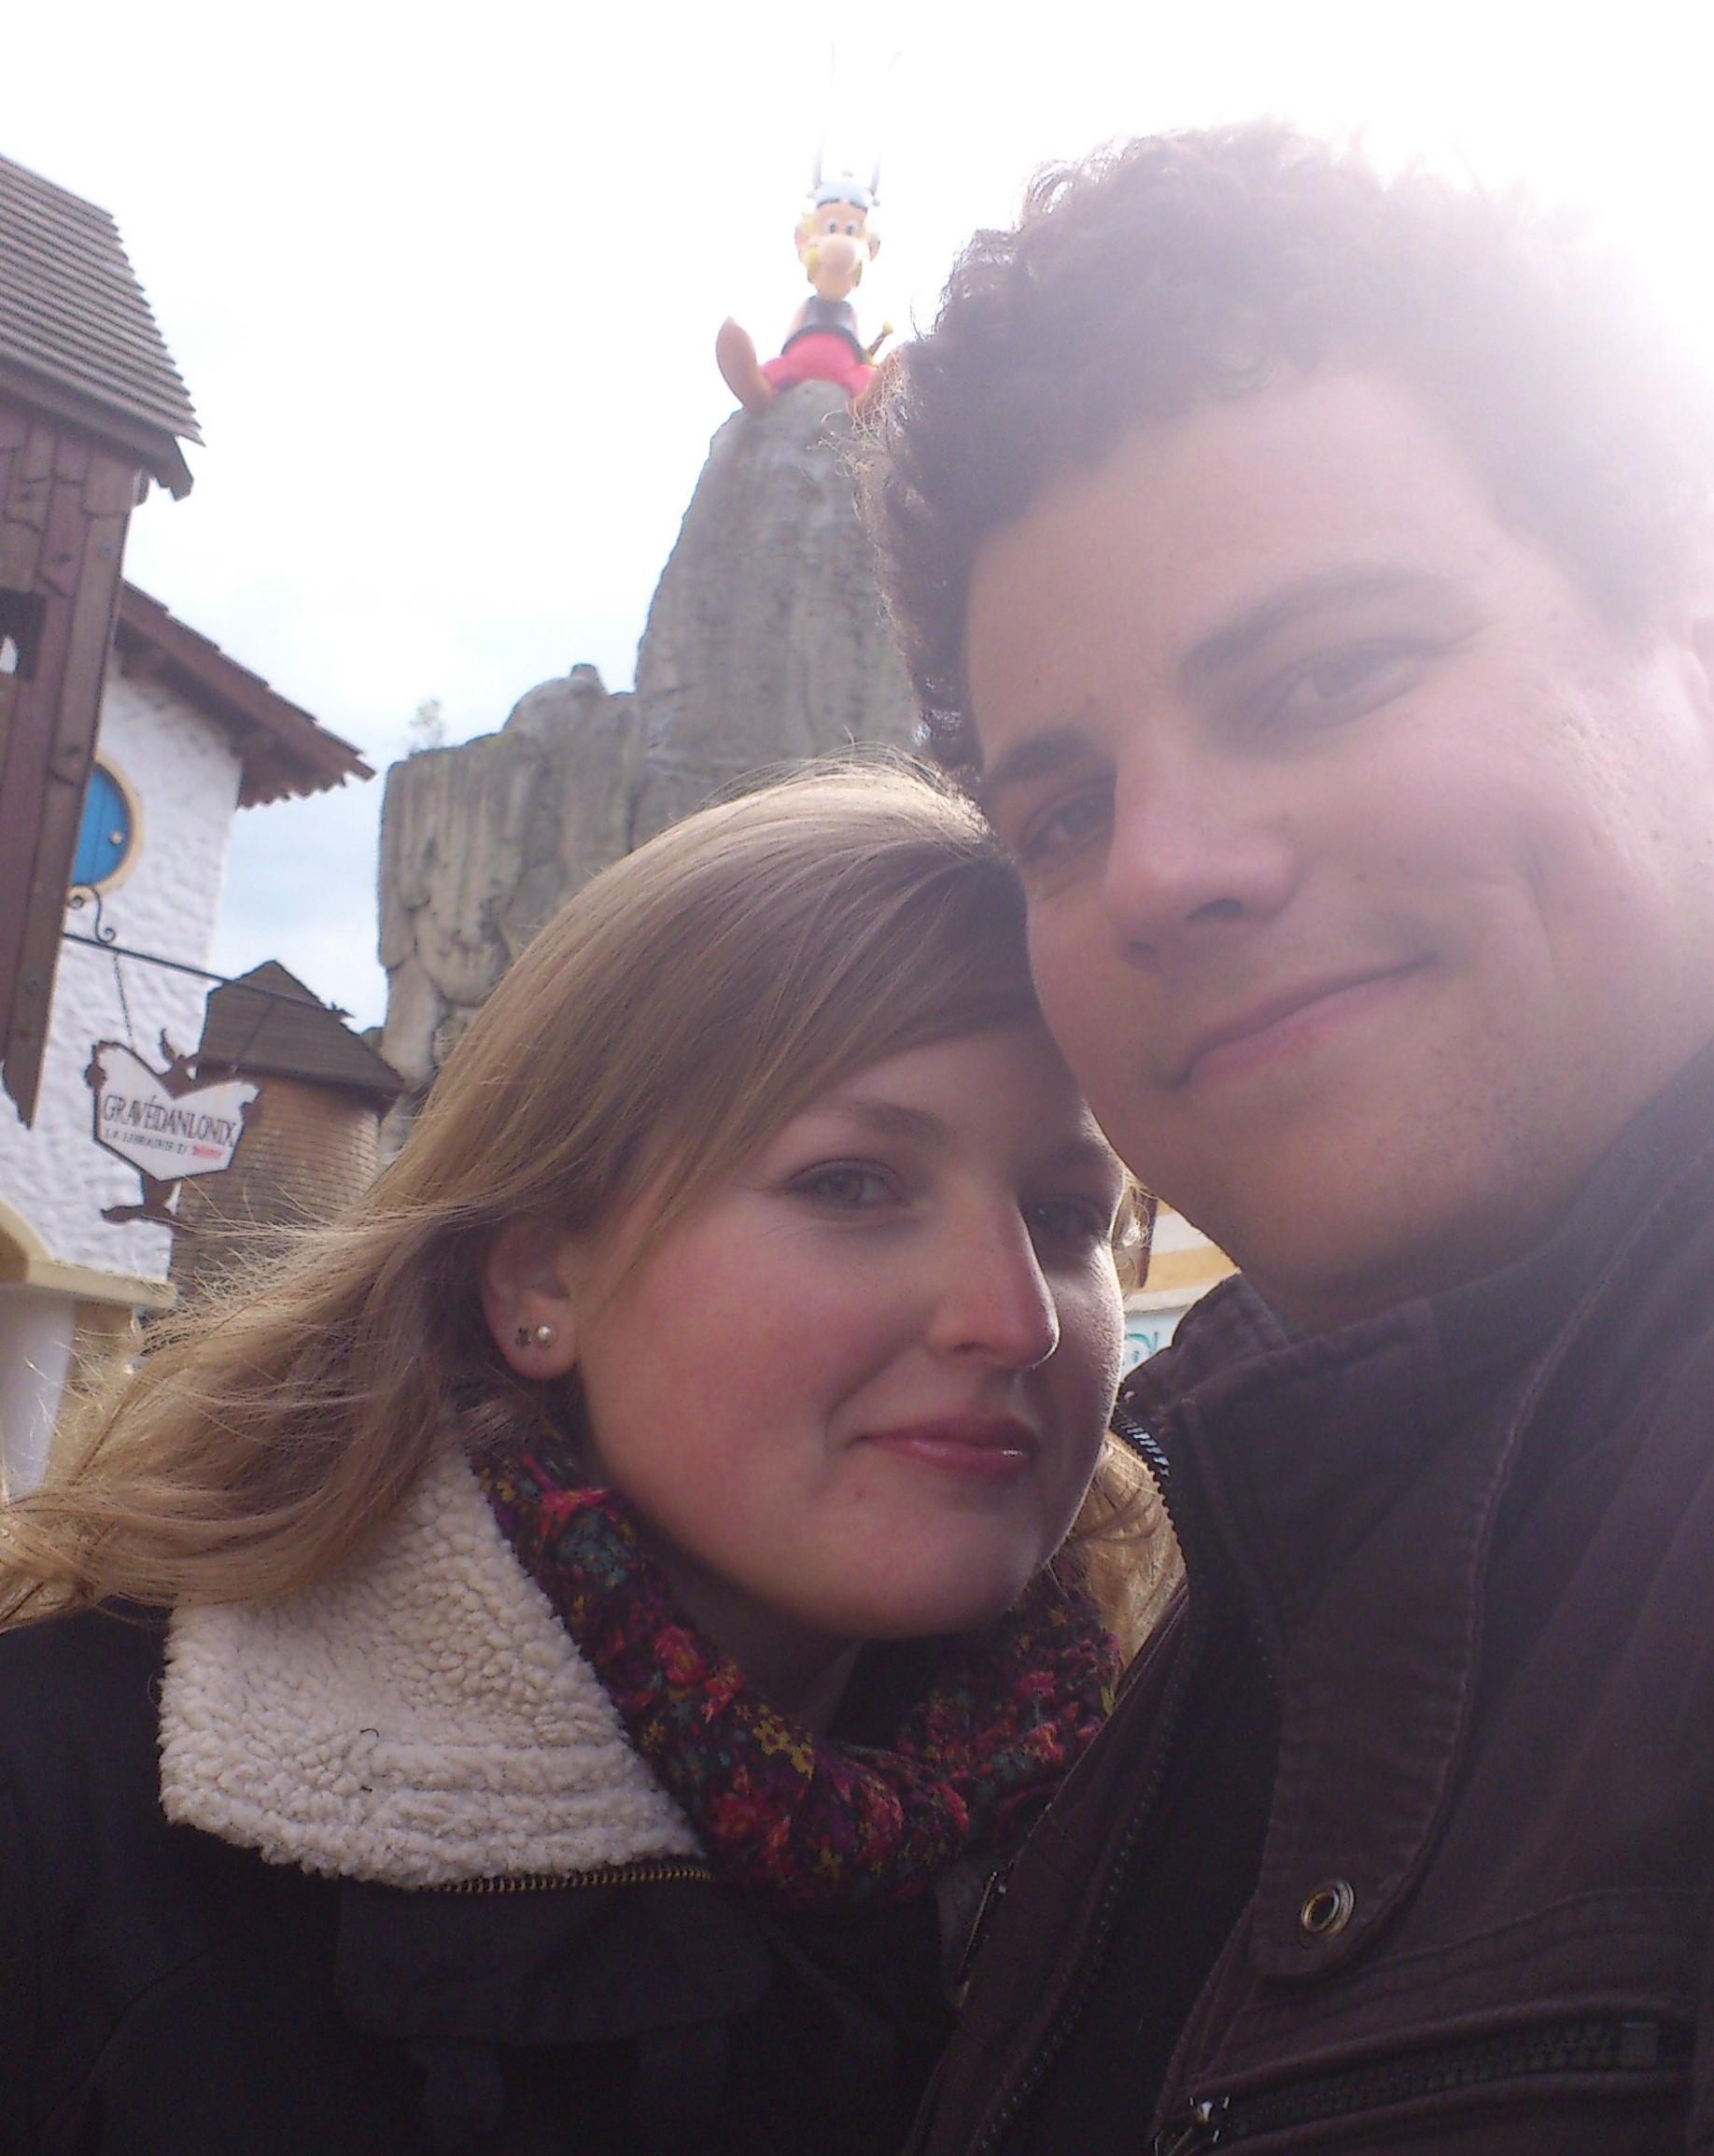 Bienvenue à Mademoiselle Louli, future mariée de novembre 2012